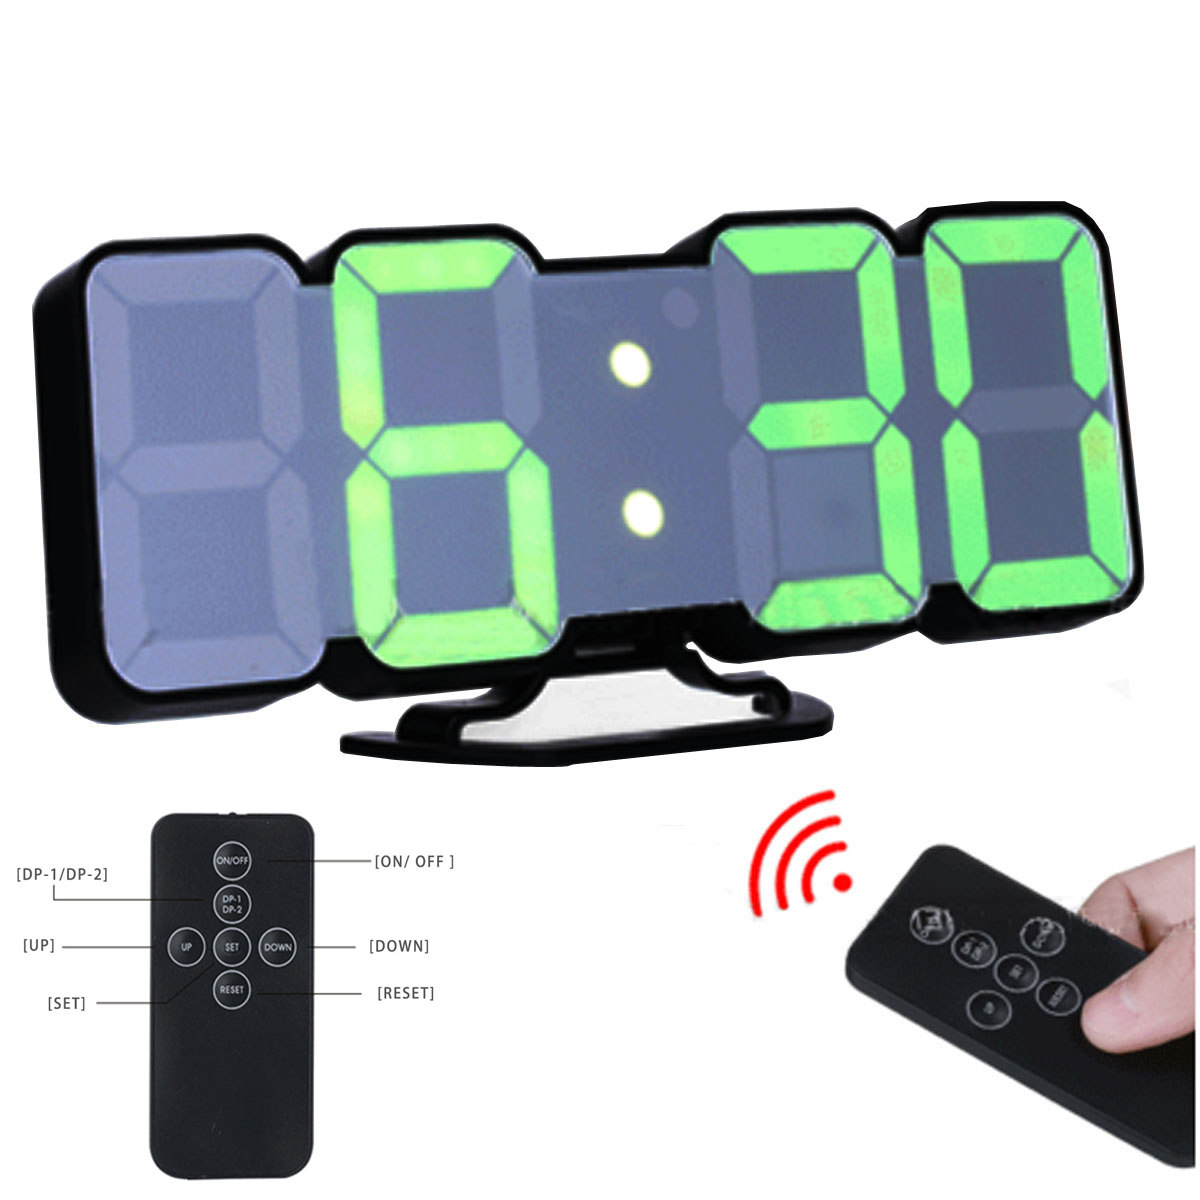 Eaagd 3d 무선 원격 디지털 벽 알람 시계, led 디지털, 음성 제어 모드, 컨트롤러의 115 색 변형-에서알람 시계부터 홈 & 가든 의  그룹 1